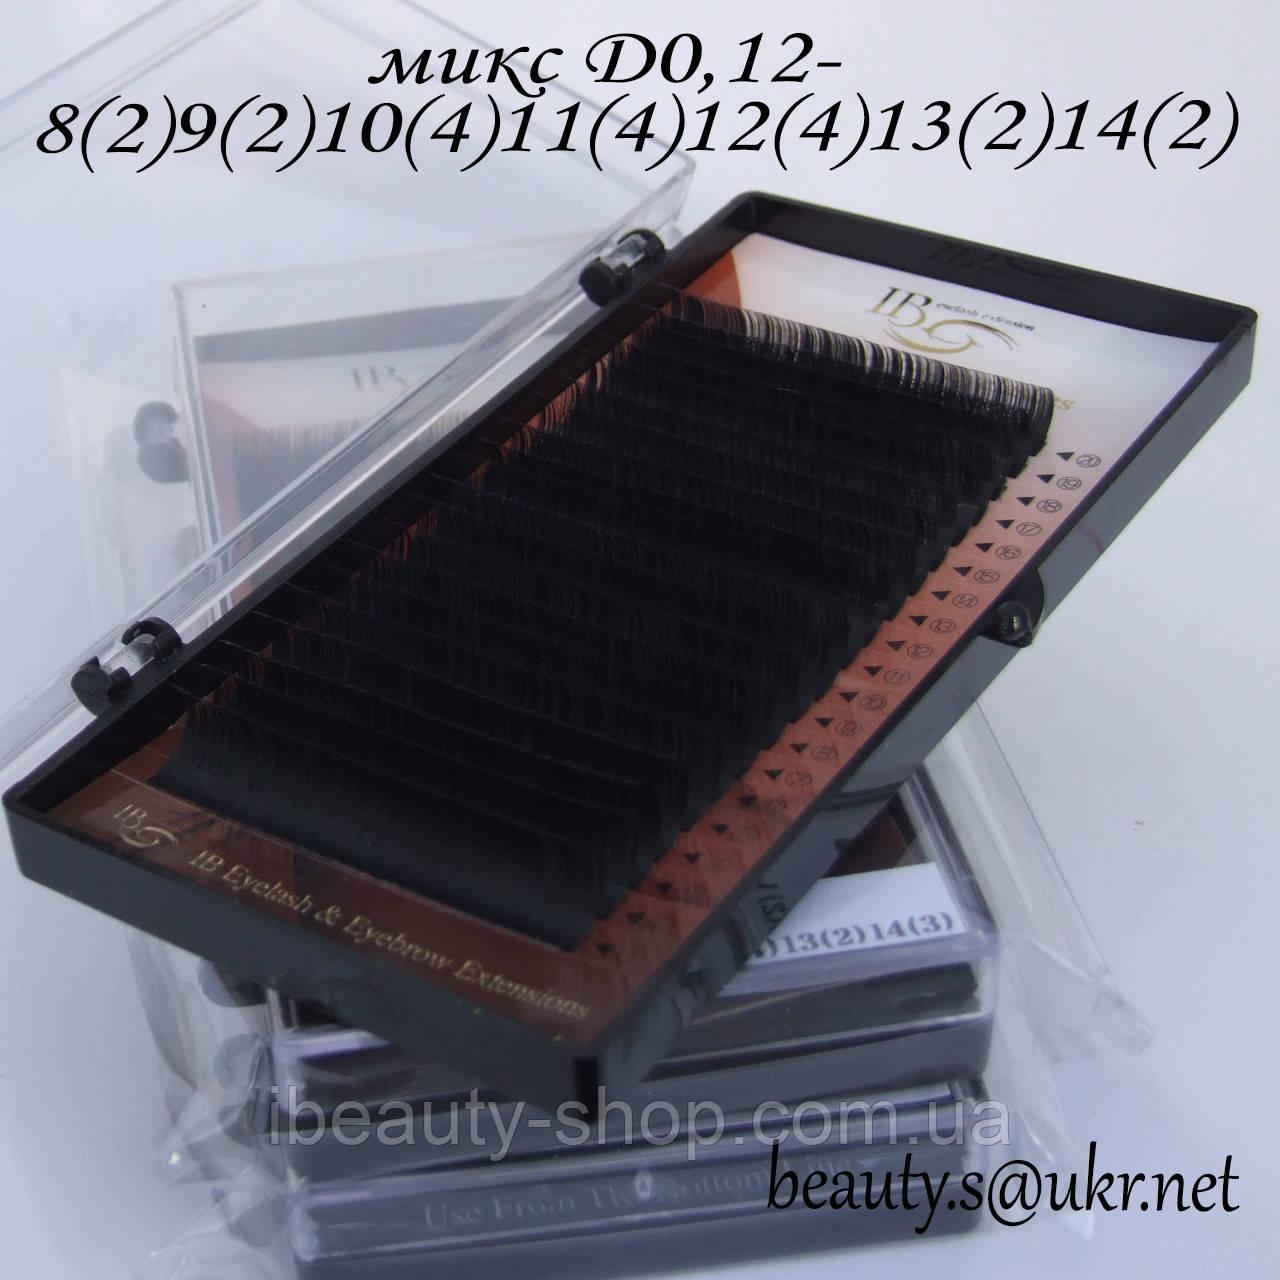 Ресницы I-Beauty микс D-0,12 8-14мм